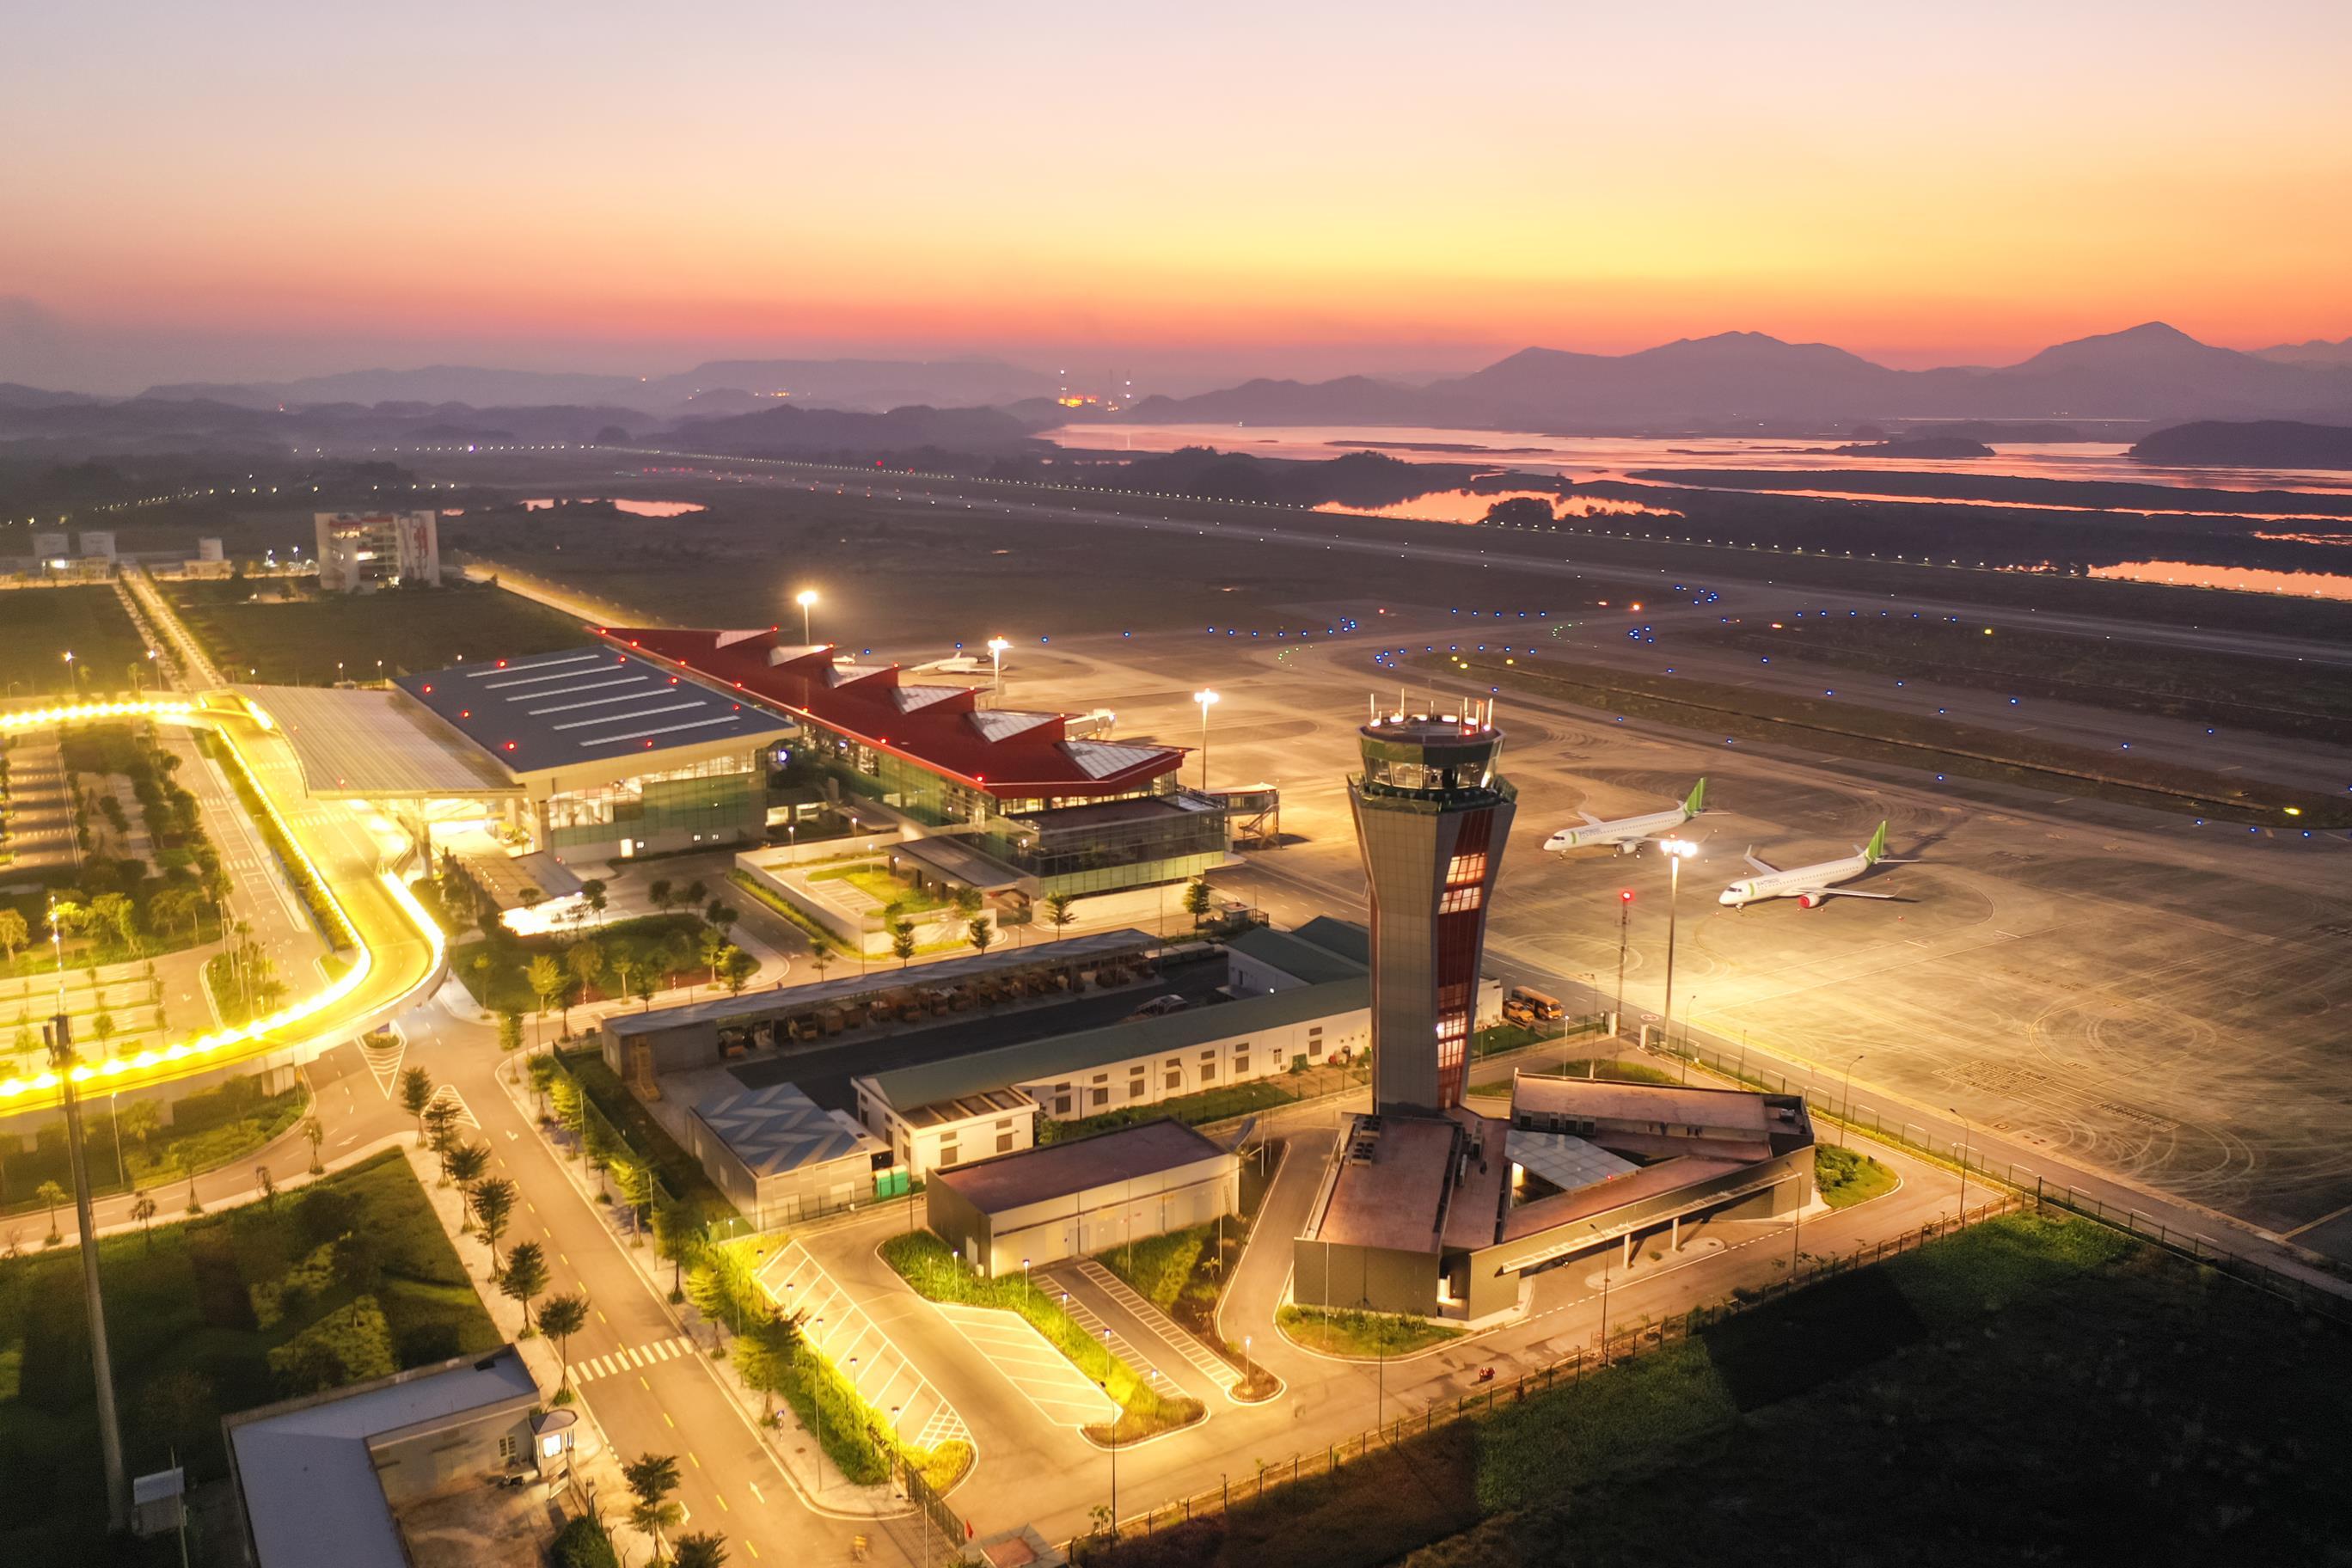 Hệ thống công nghệ tại sân bay hiện đại nhất Việt Nam có gì? 10